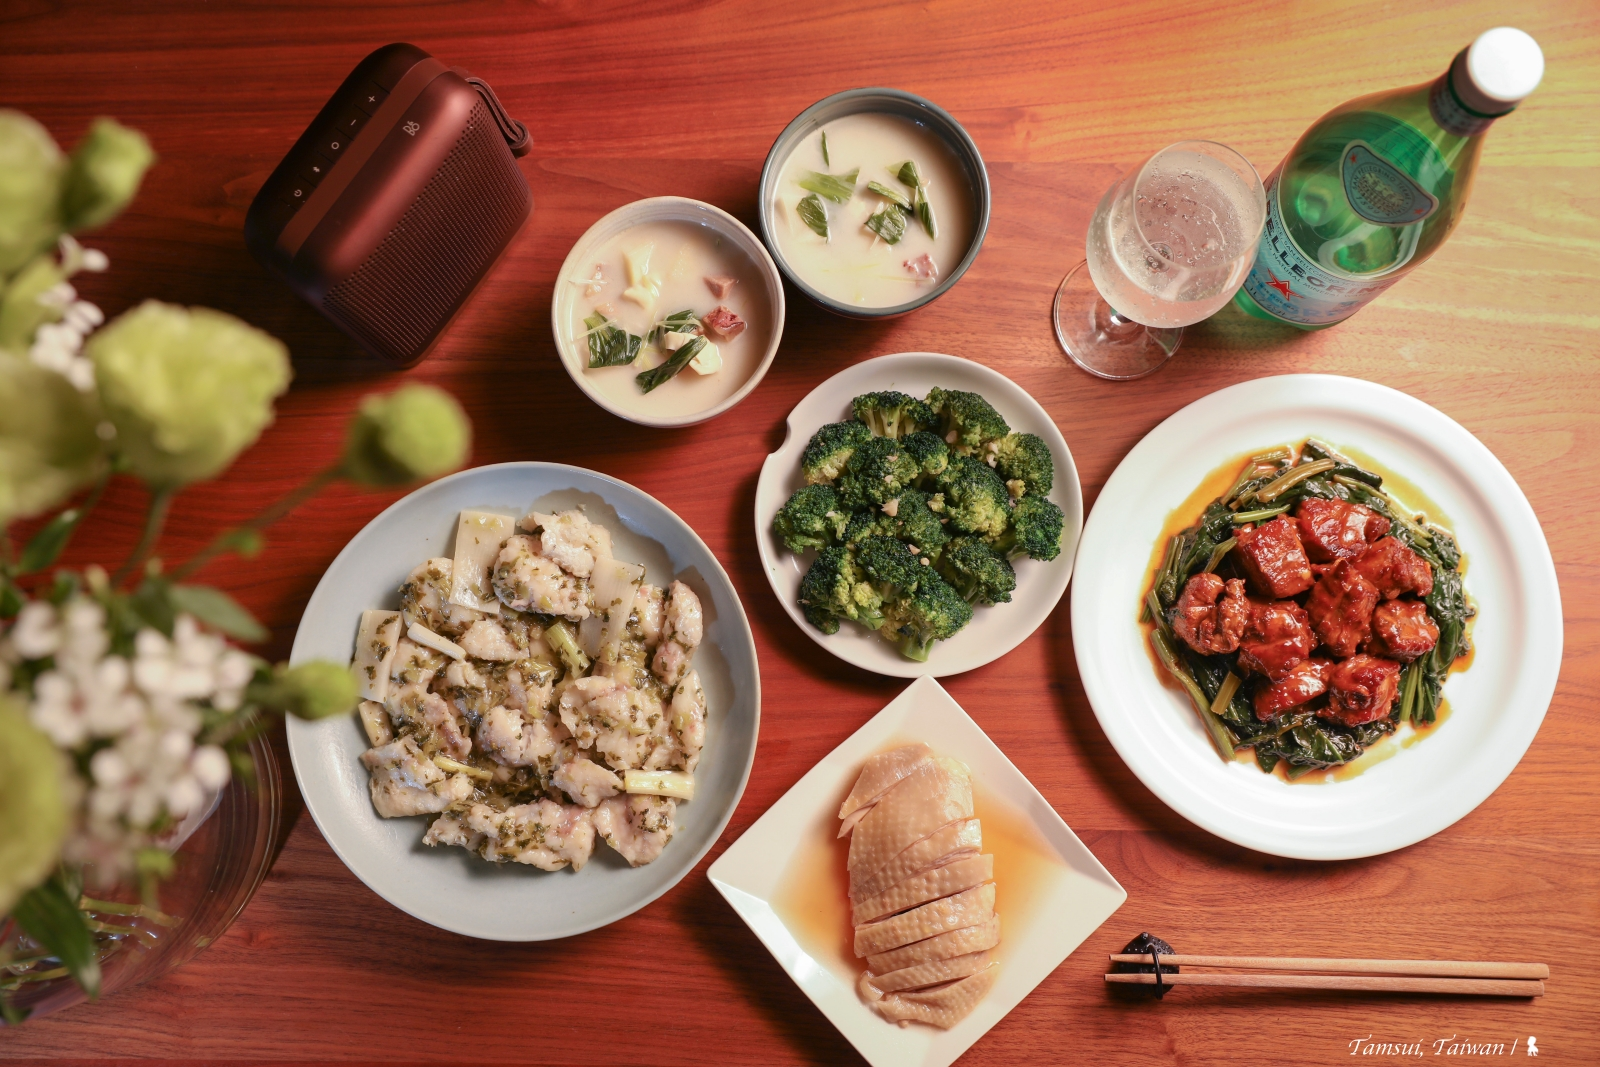 手沖咖啡、大啖五星級飯店美食,用儀式感為宅家防疫增添幸福感!